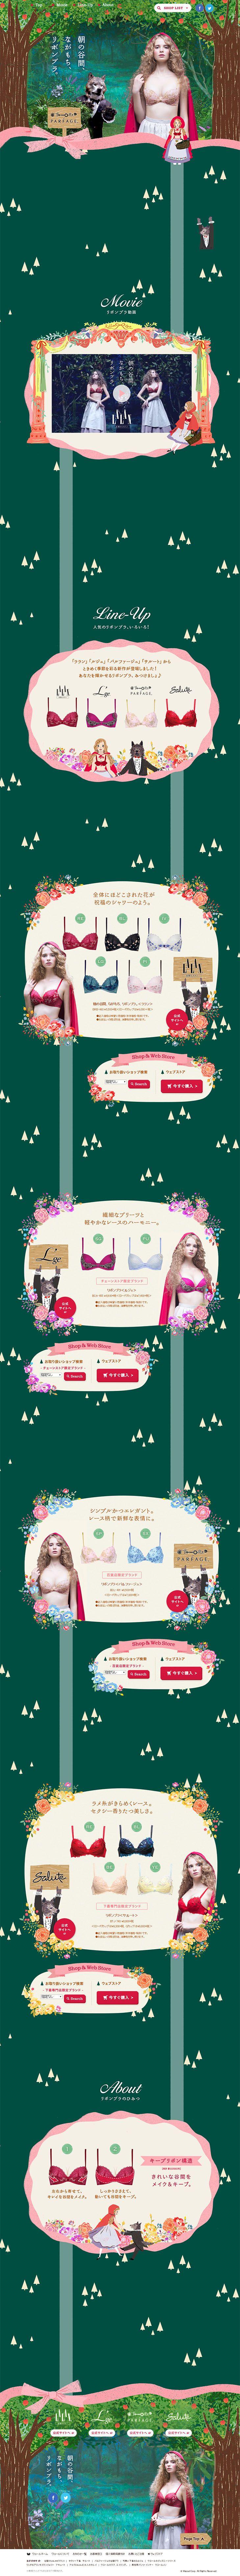 ランディングページ LP リボンブラ|ファッション|自社サイト